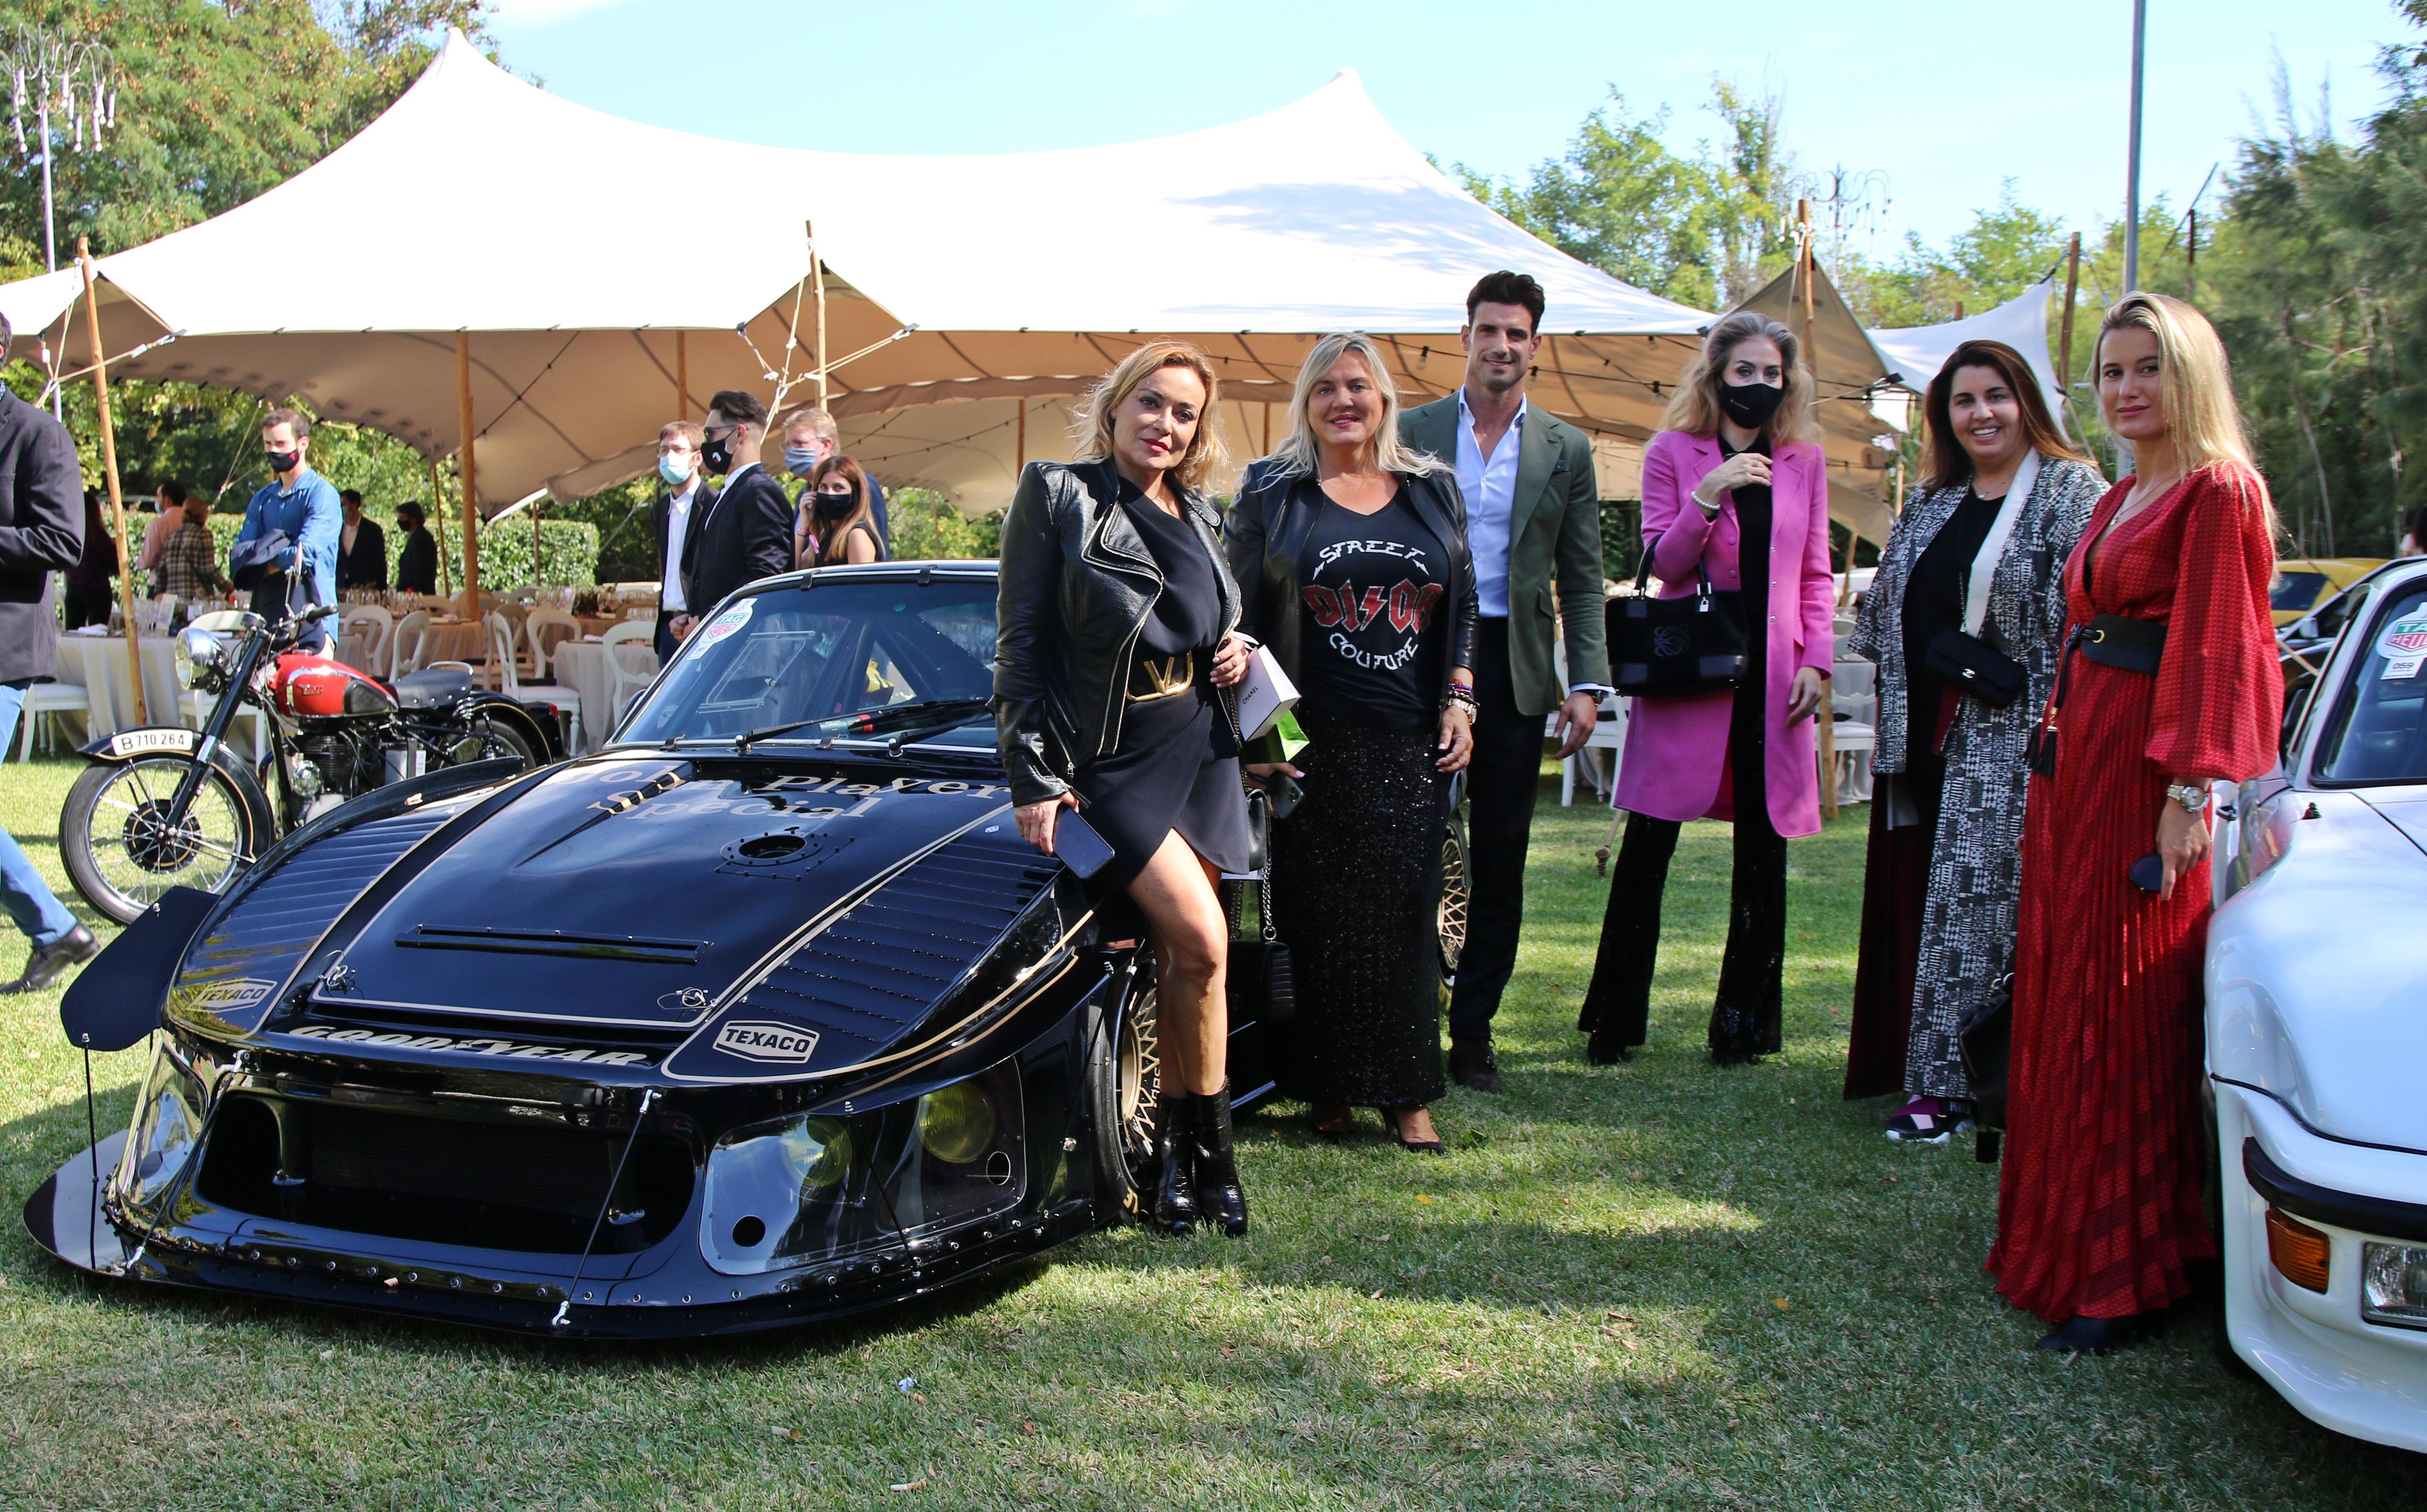 Luxury Spain en colaboración con AutoBello celebran la séptima edición en Barcelona | Luxury Spain